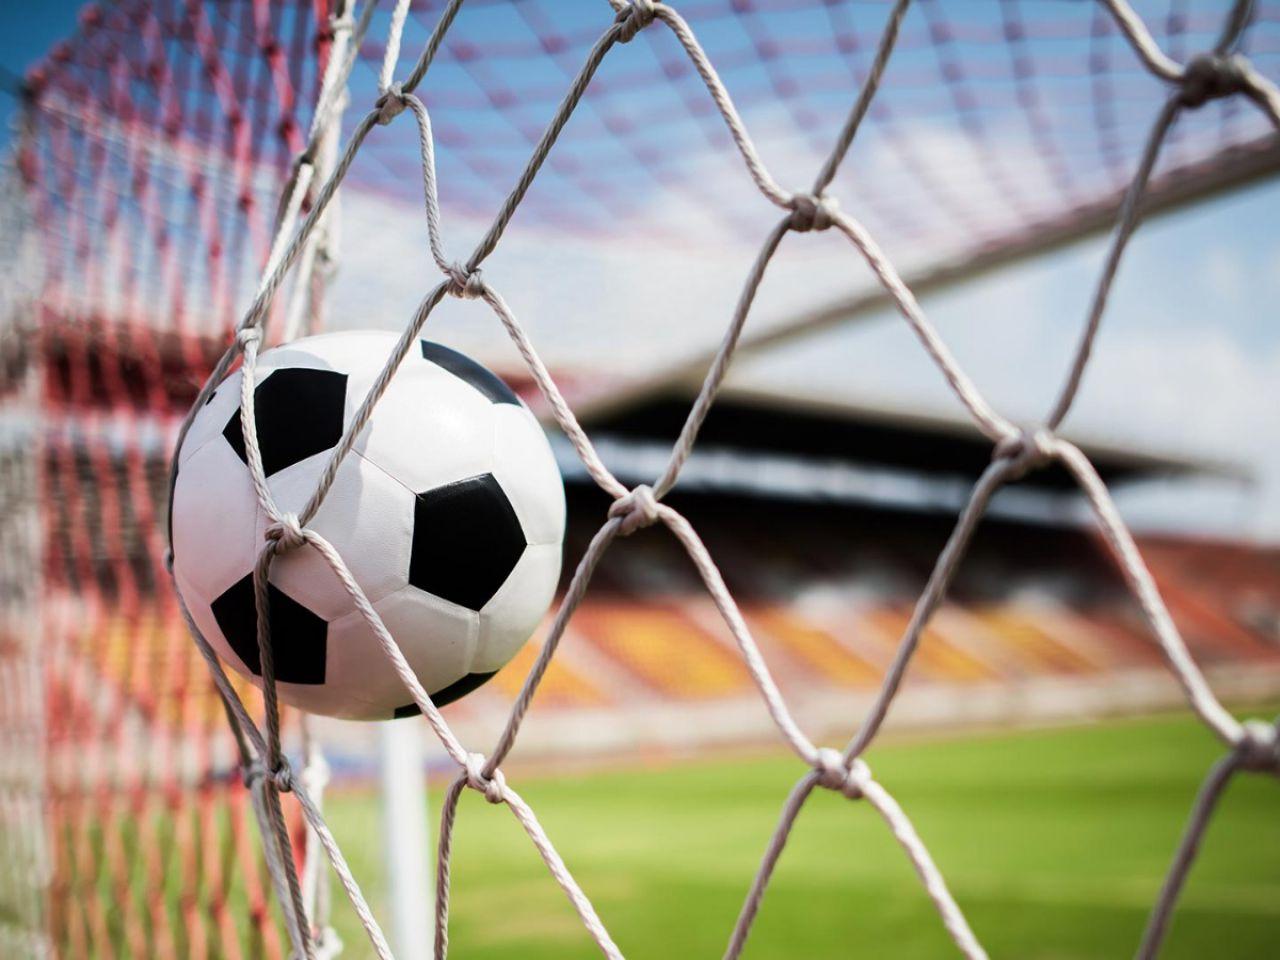 Serie A, seconda giornata: dove vedere Inter - Fiorentina in TV e streaming